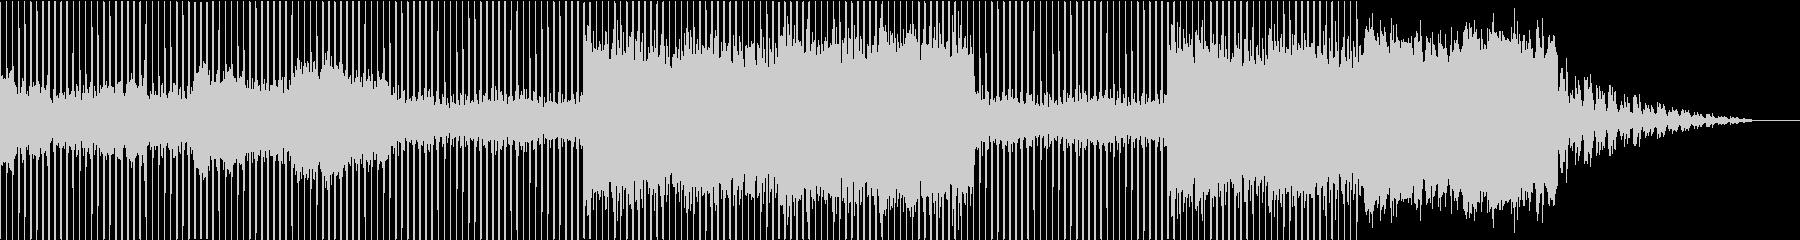 壮大でゆったりとしたエレクトロニカの未再生の波形